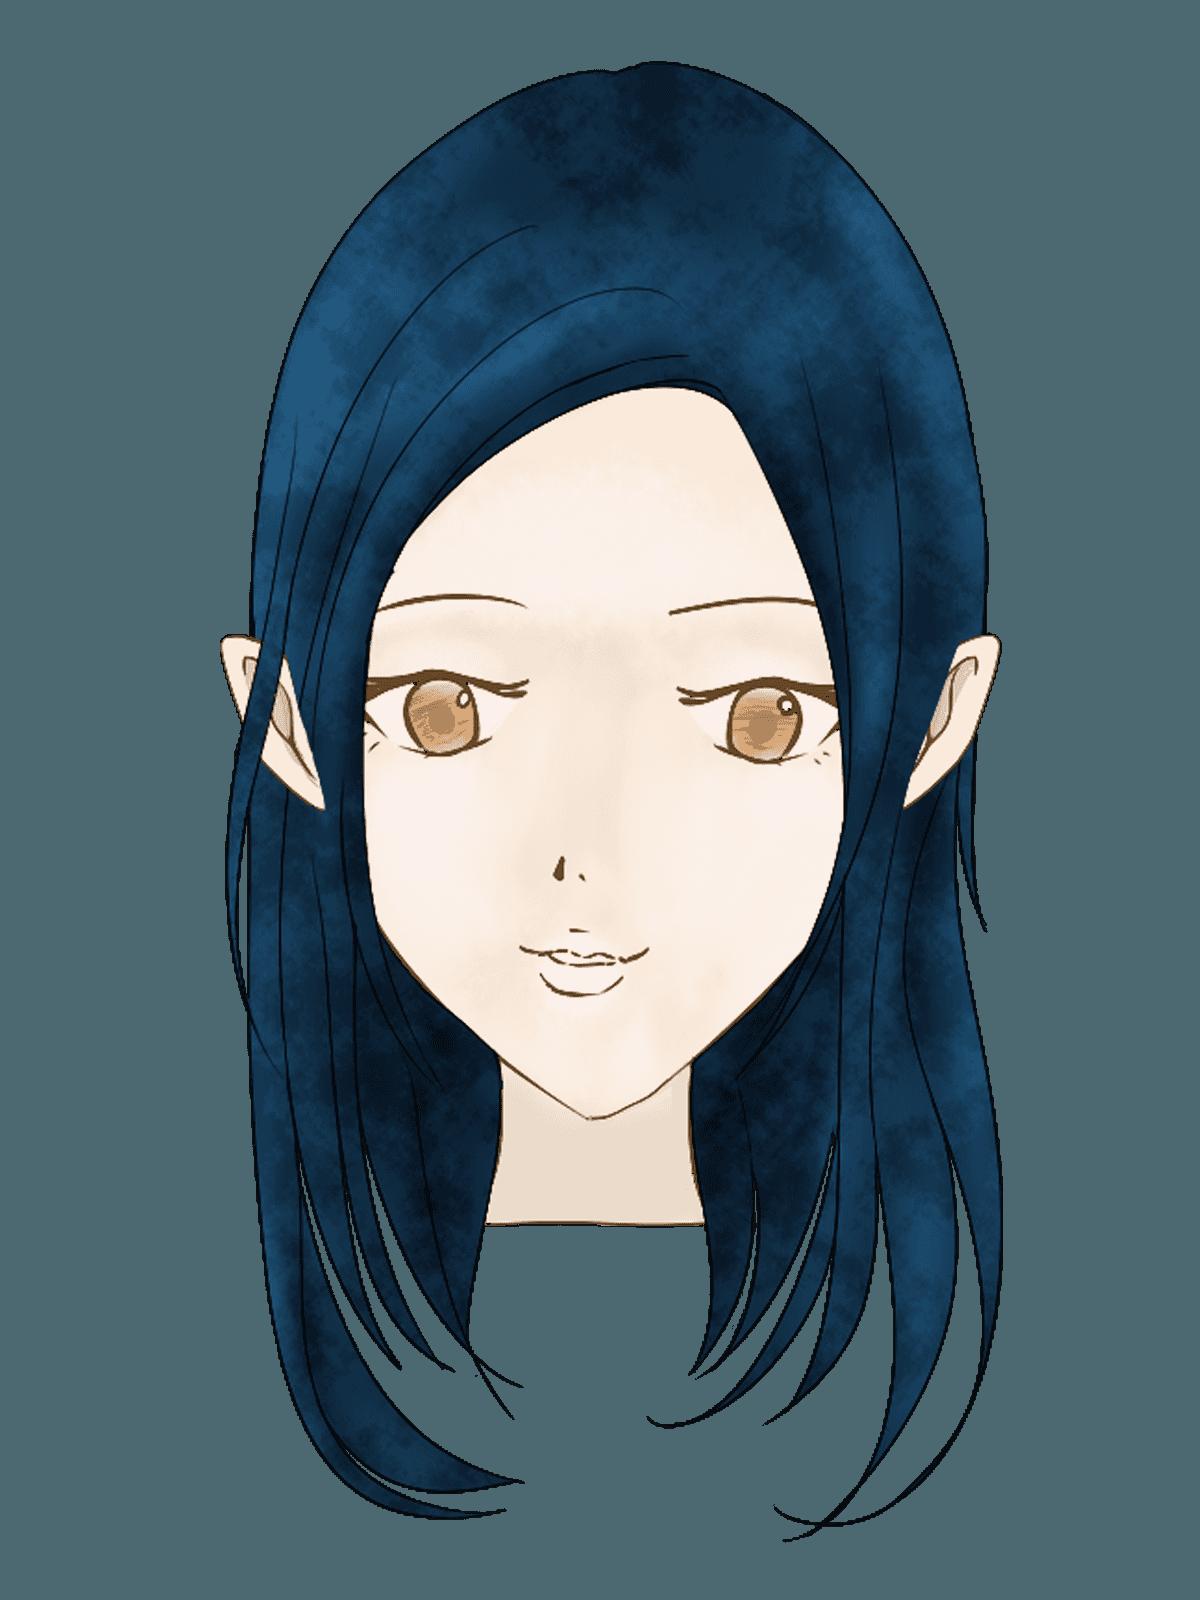 ストレートロングカットの女性の髪型イラスト